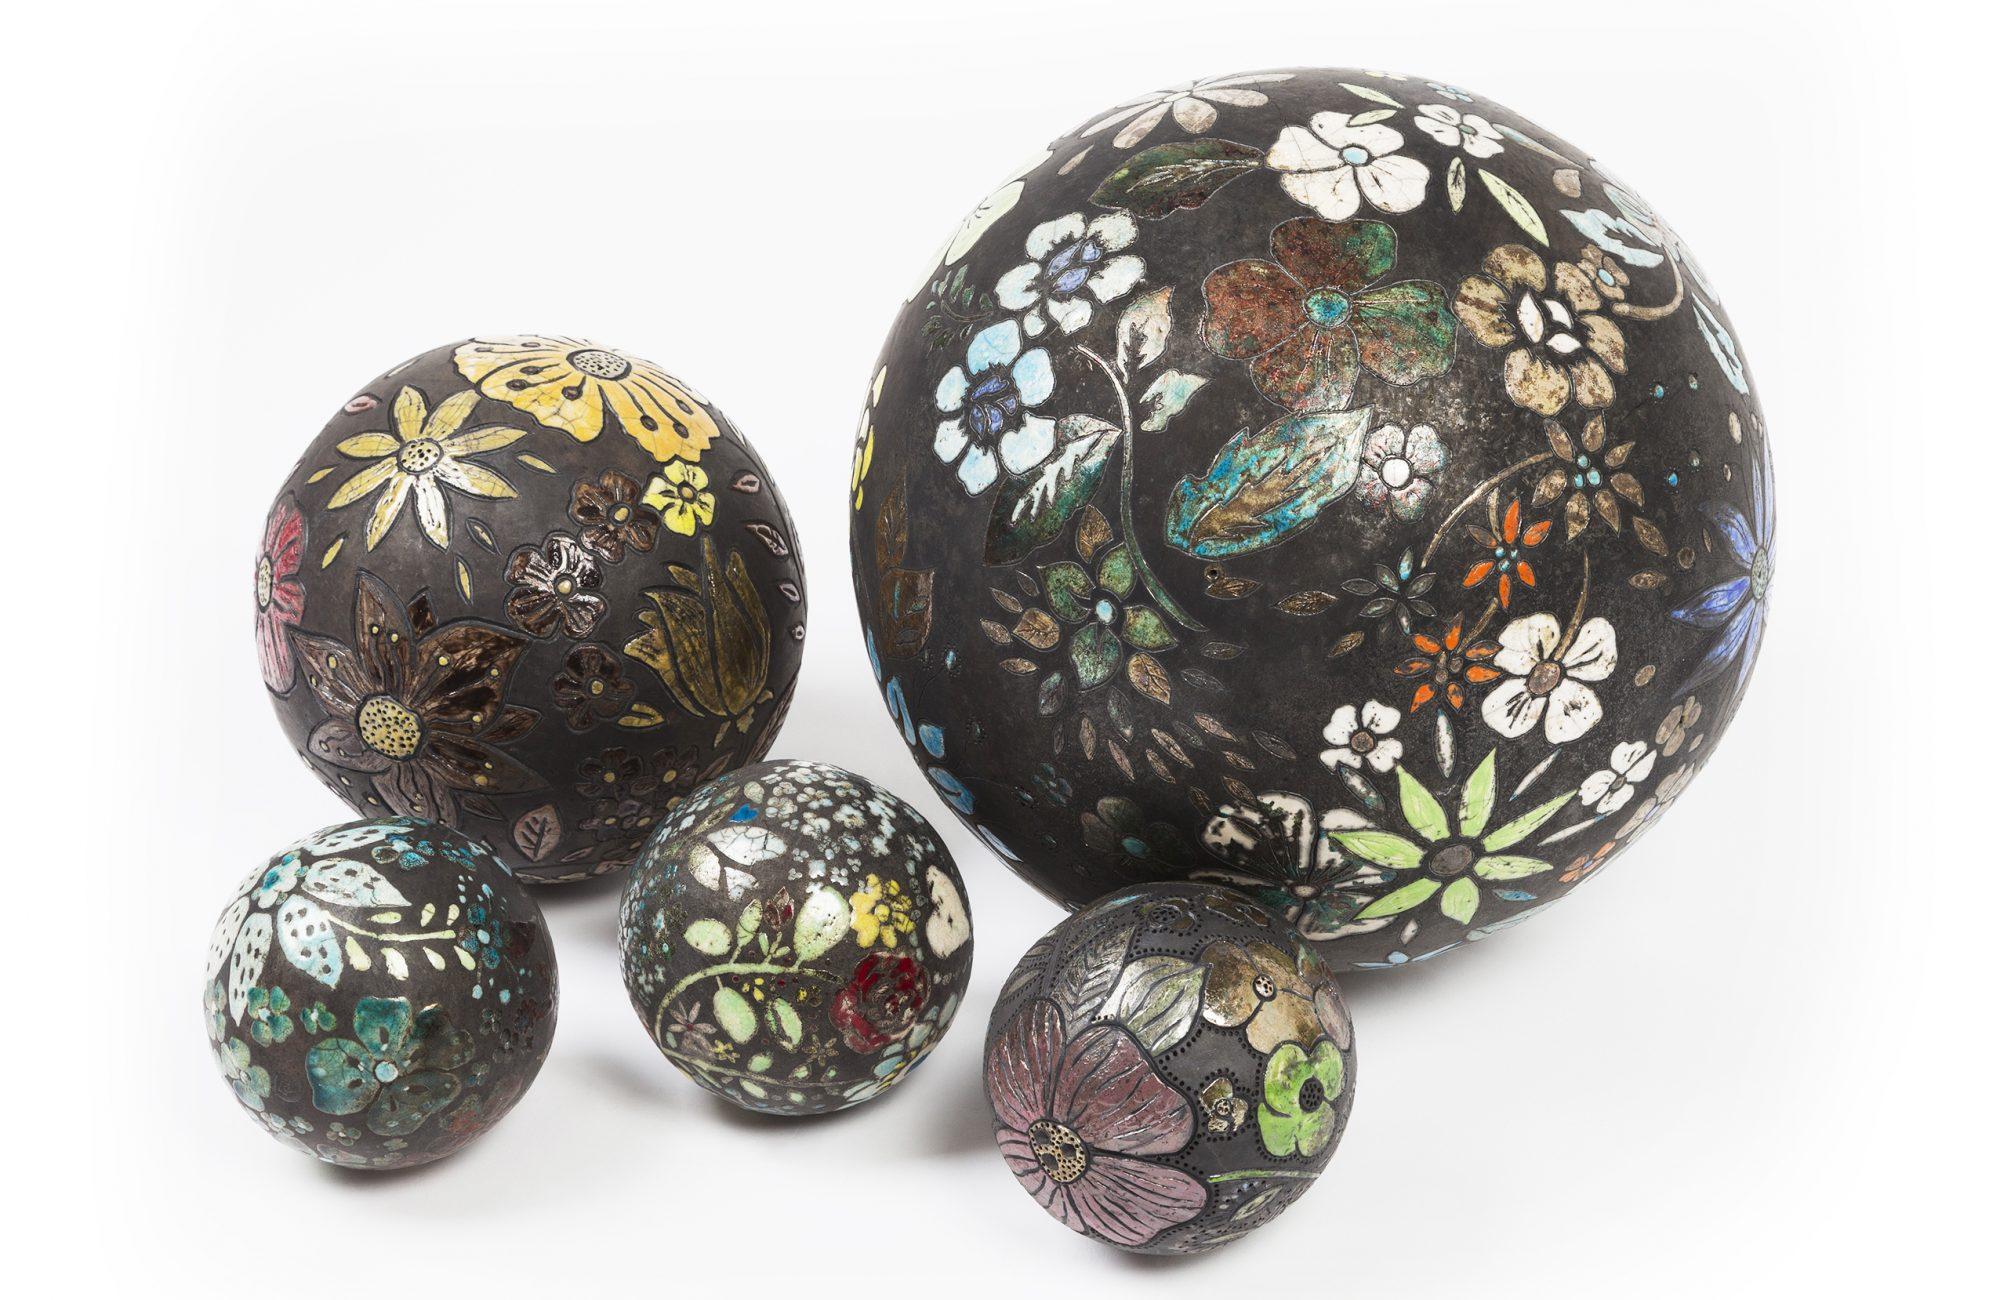 Les Moons - Installation - Grès - Raku - Sculptures céramique de Florence Lemiegre